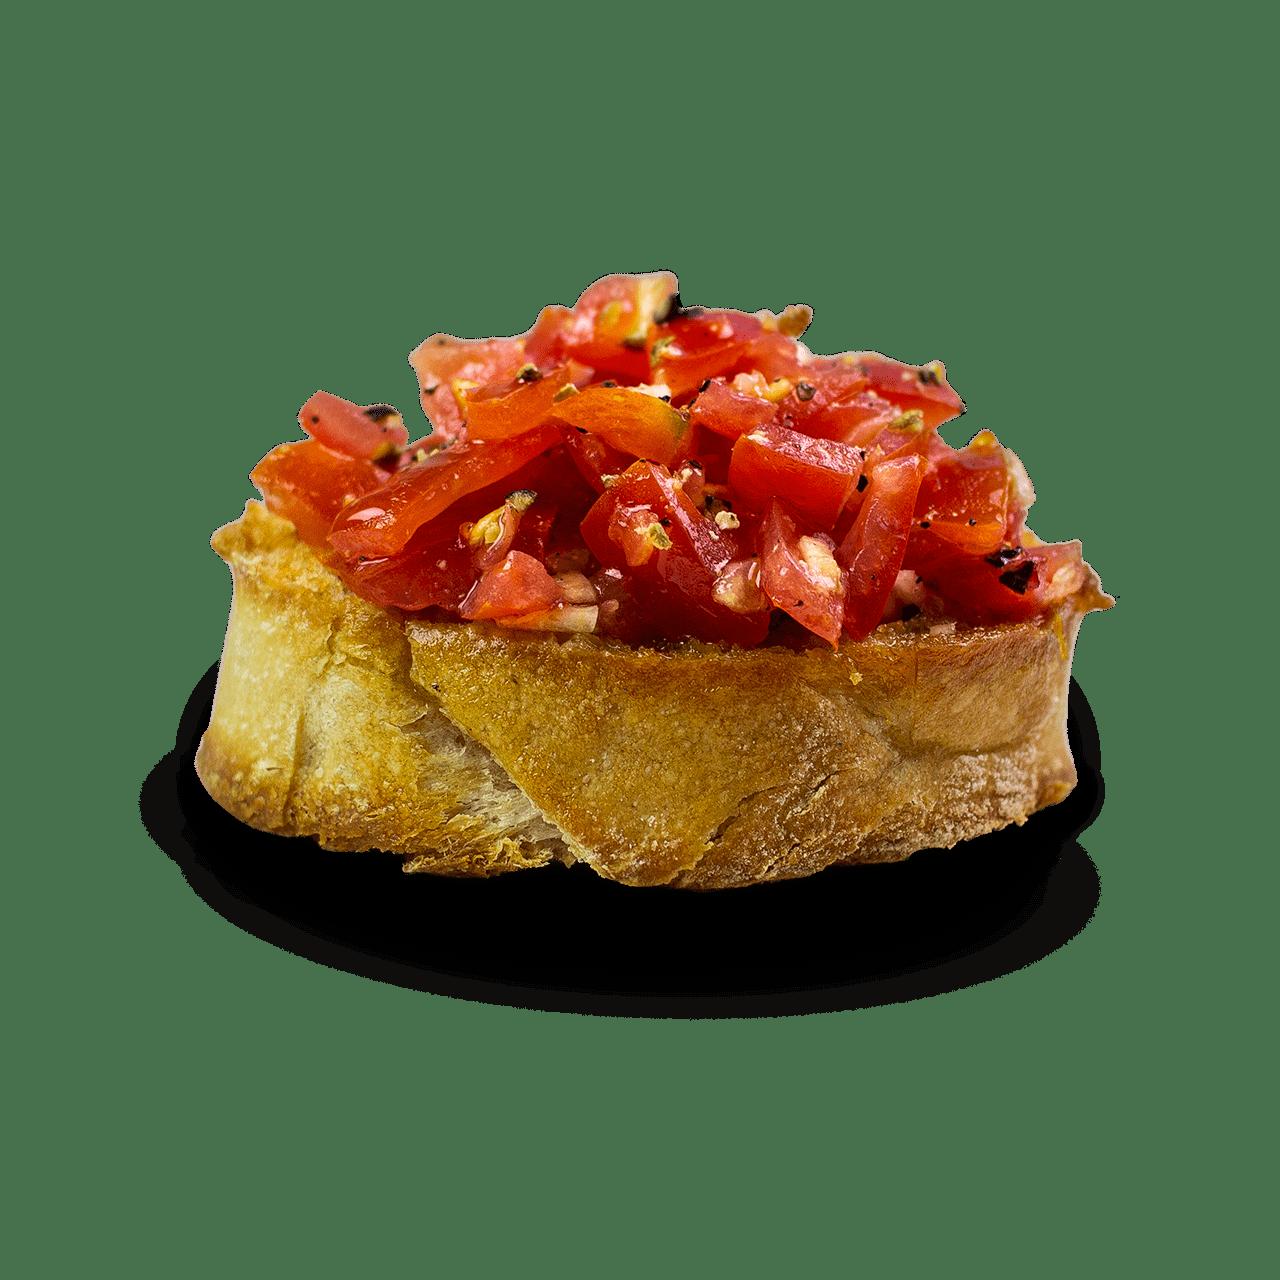 tostibanaan-bruschetta-tomaat